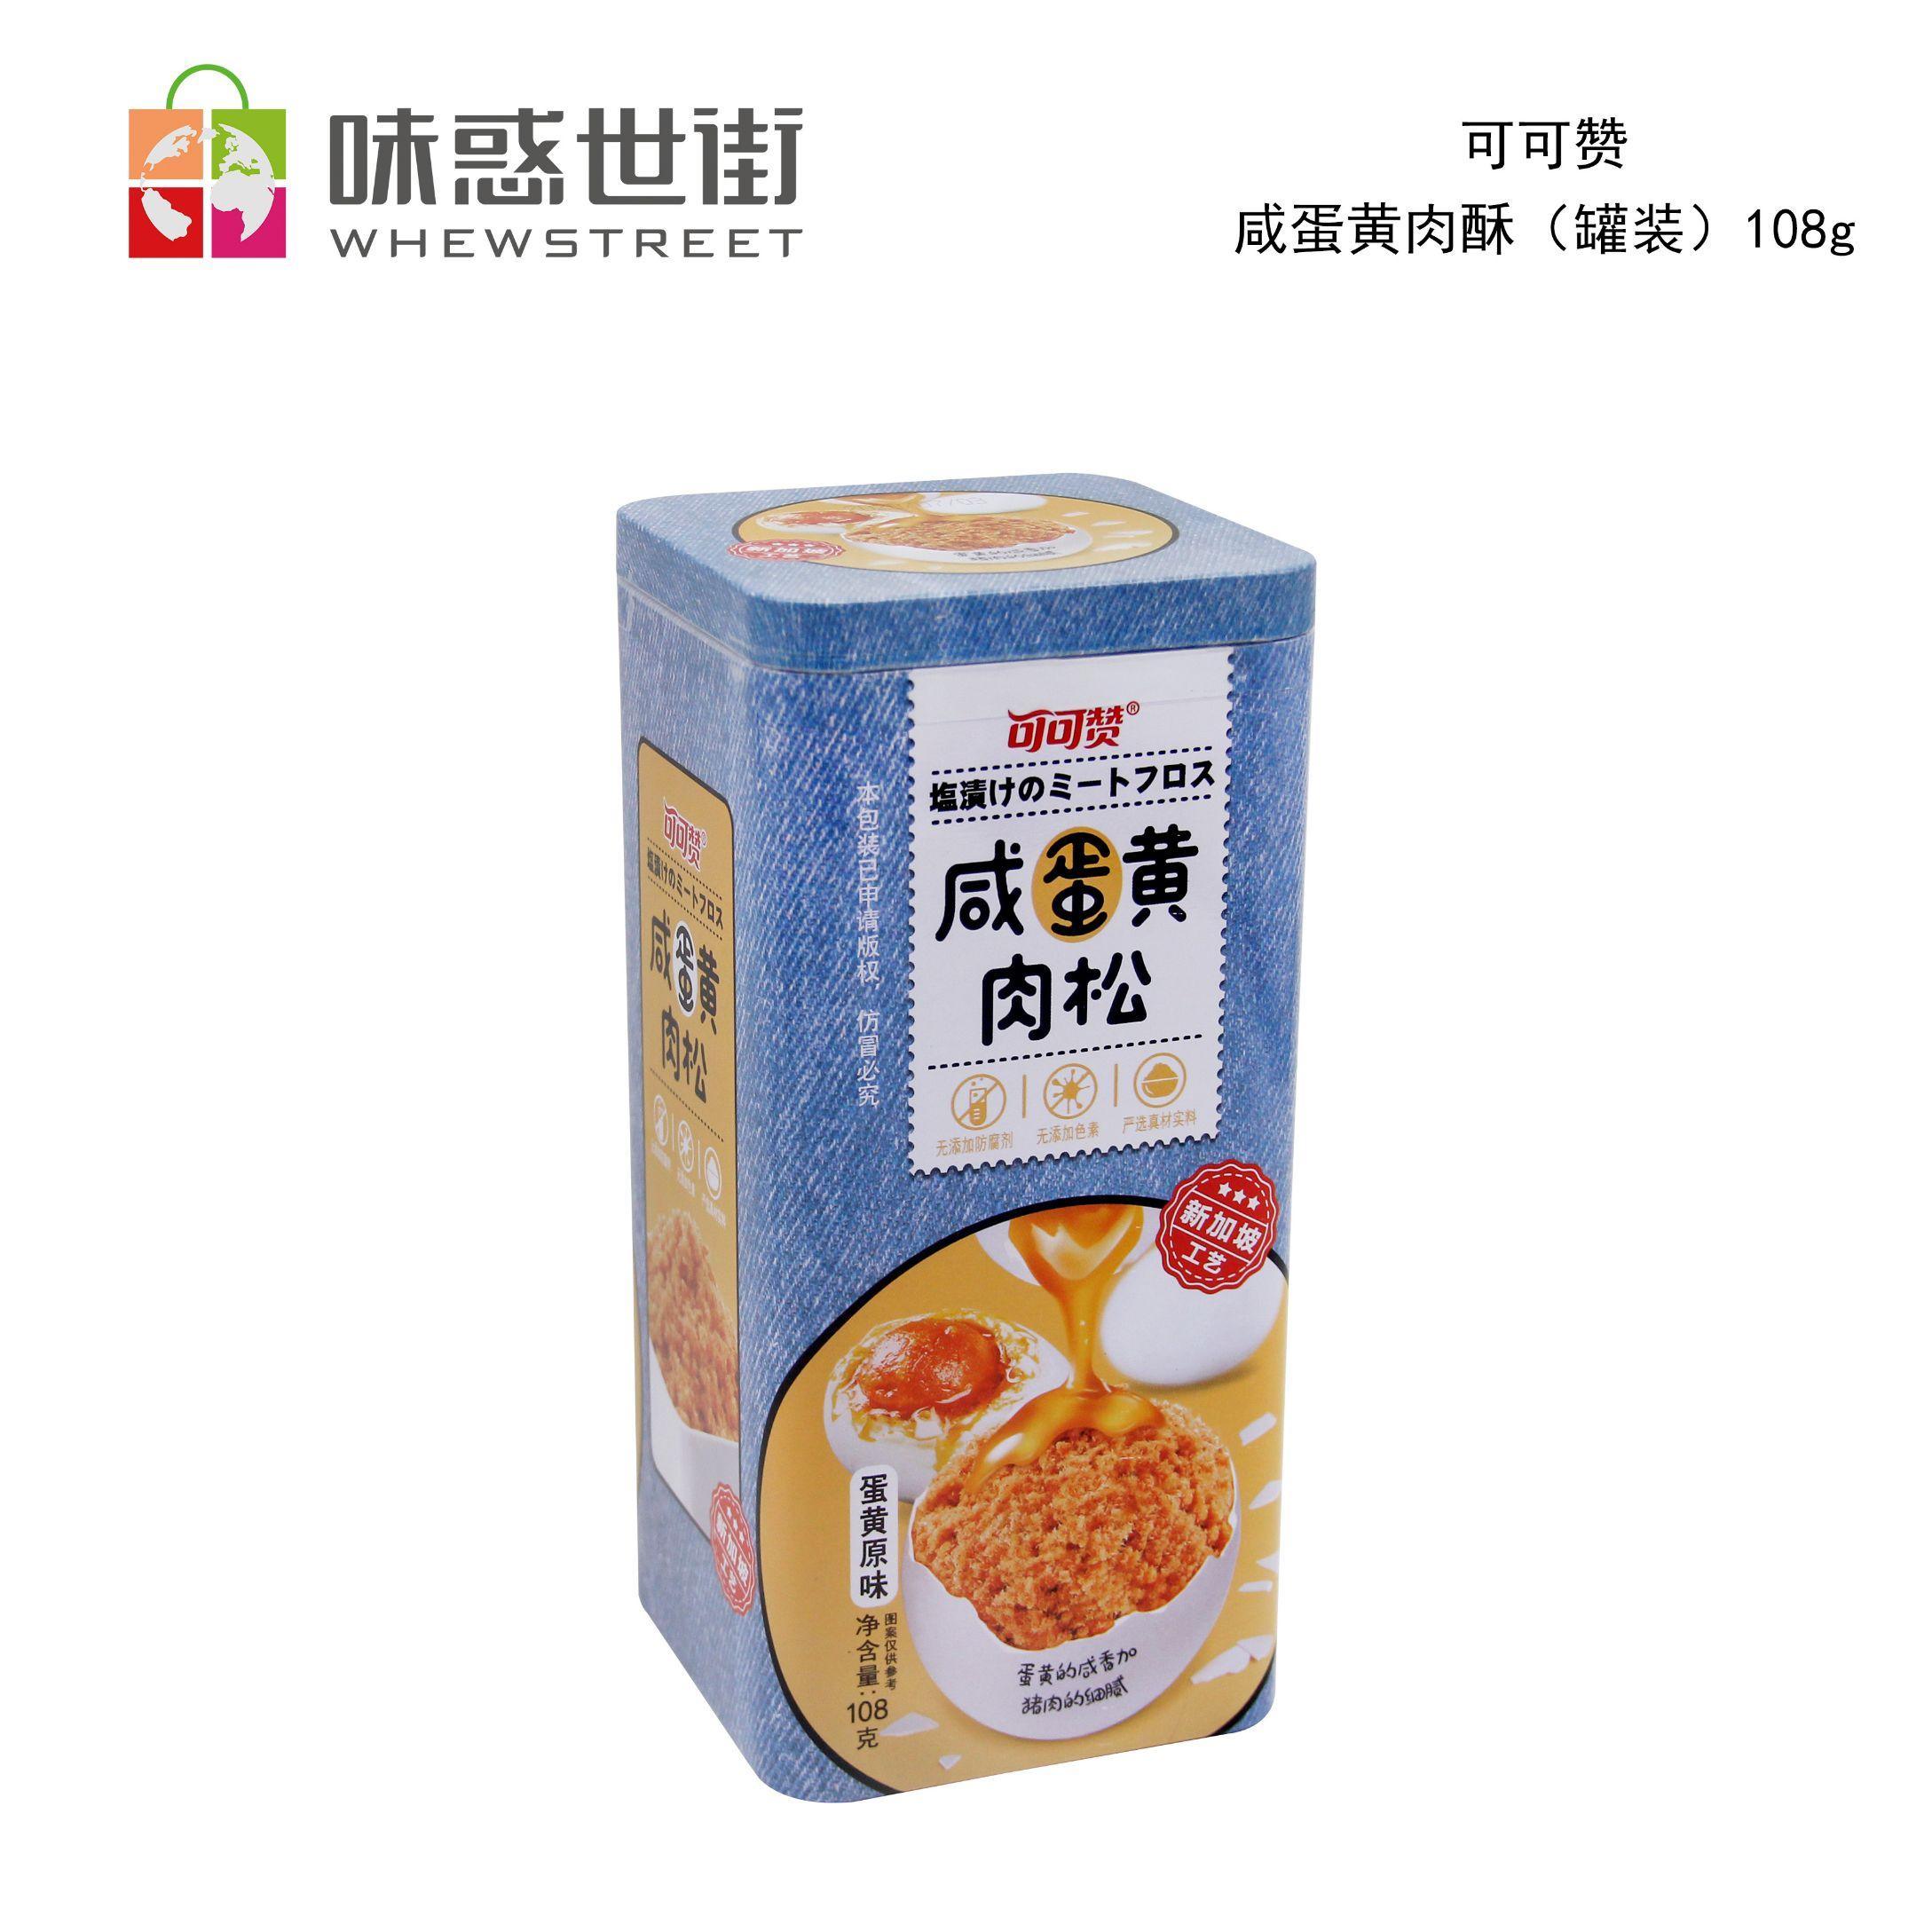 可可赞 咸蛋黄味肉酥(罐装)108g